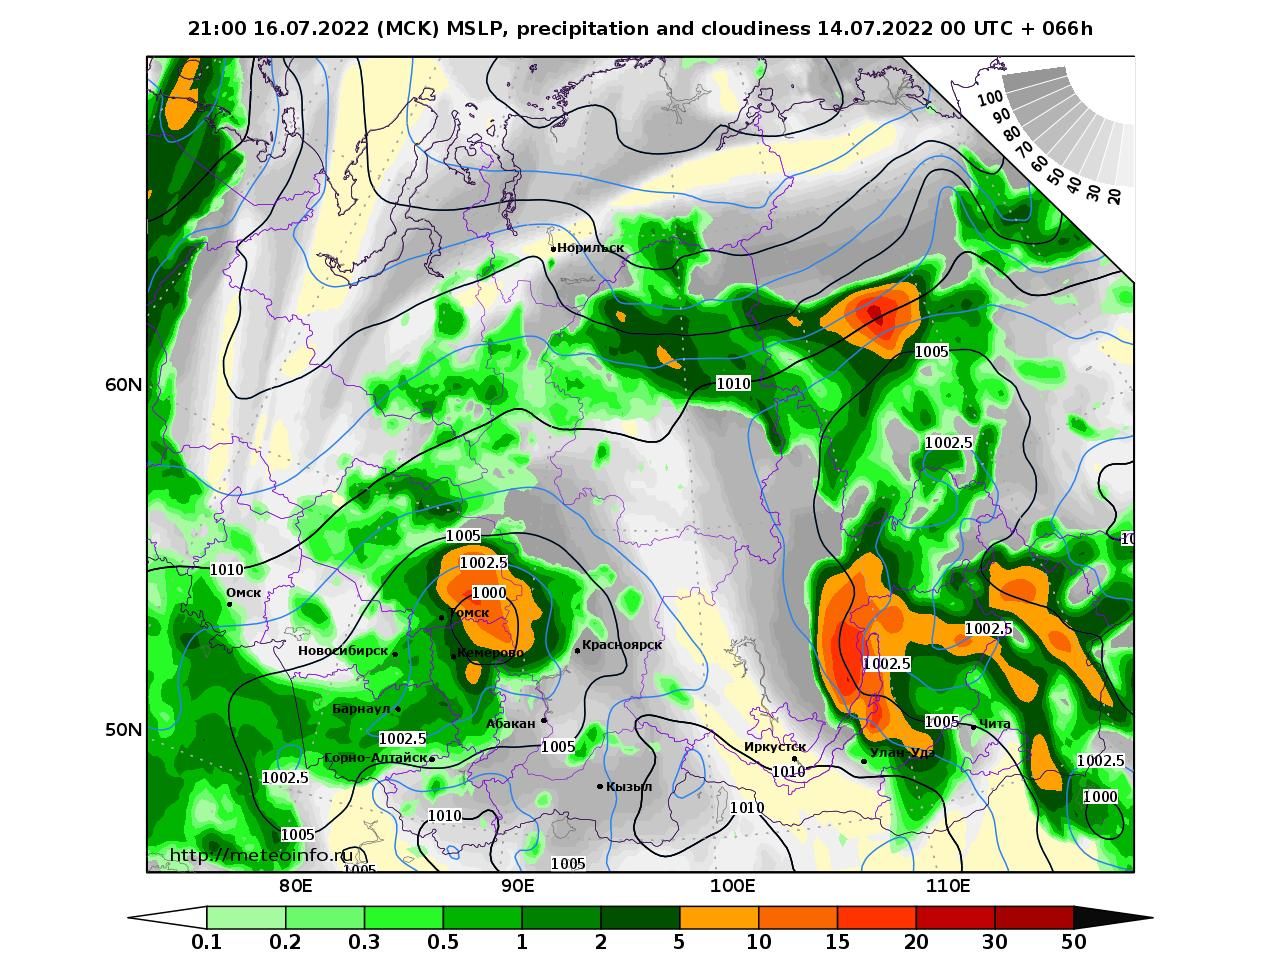 Сибирский Федеральный округ, прогностическая карта осадки и давление, заблаговременность прогноза 66 часов